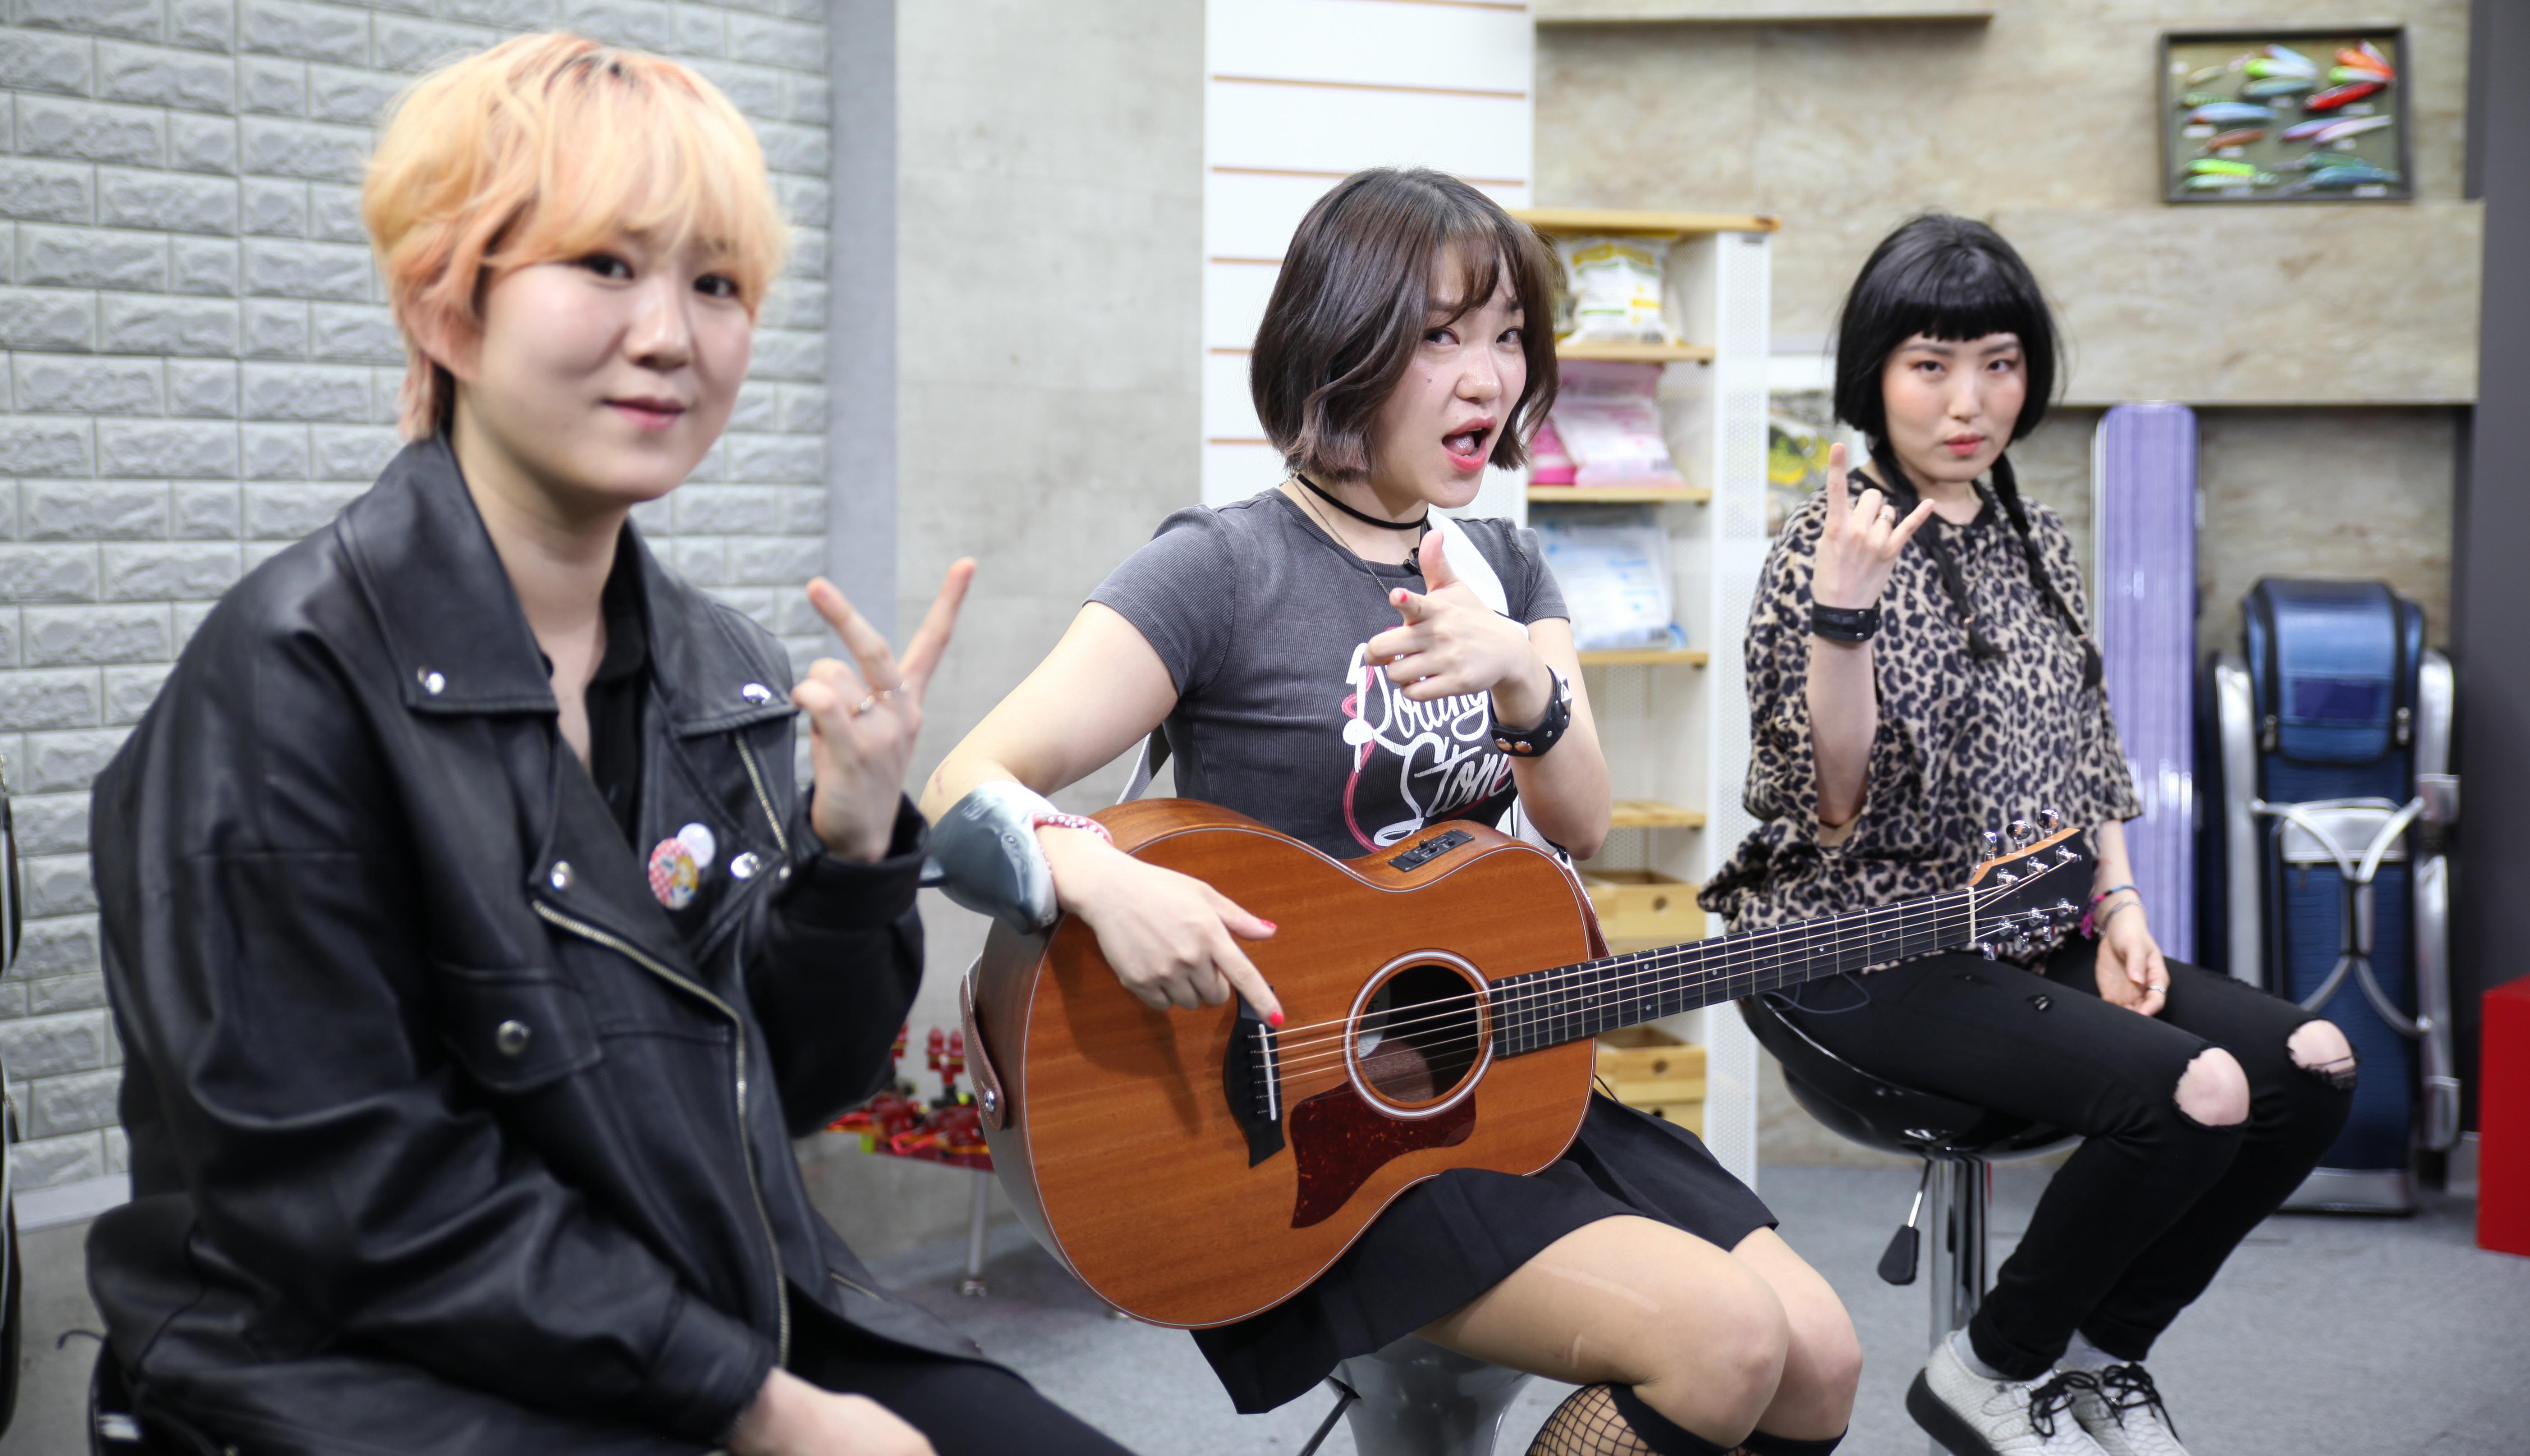 펑크락 밴드 피싱걸스, FTV 출연으로 낚시인 인증...콘셉트가 아닌 진정 낚시인 될터